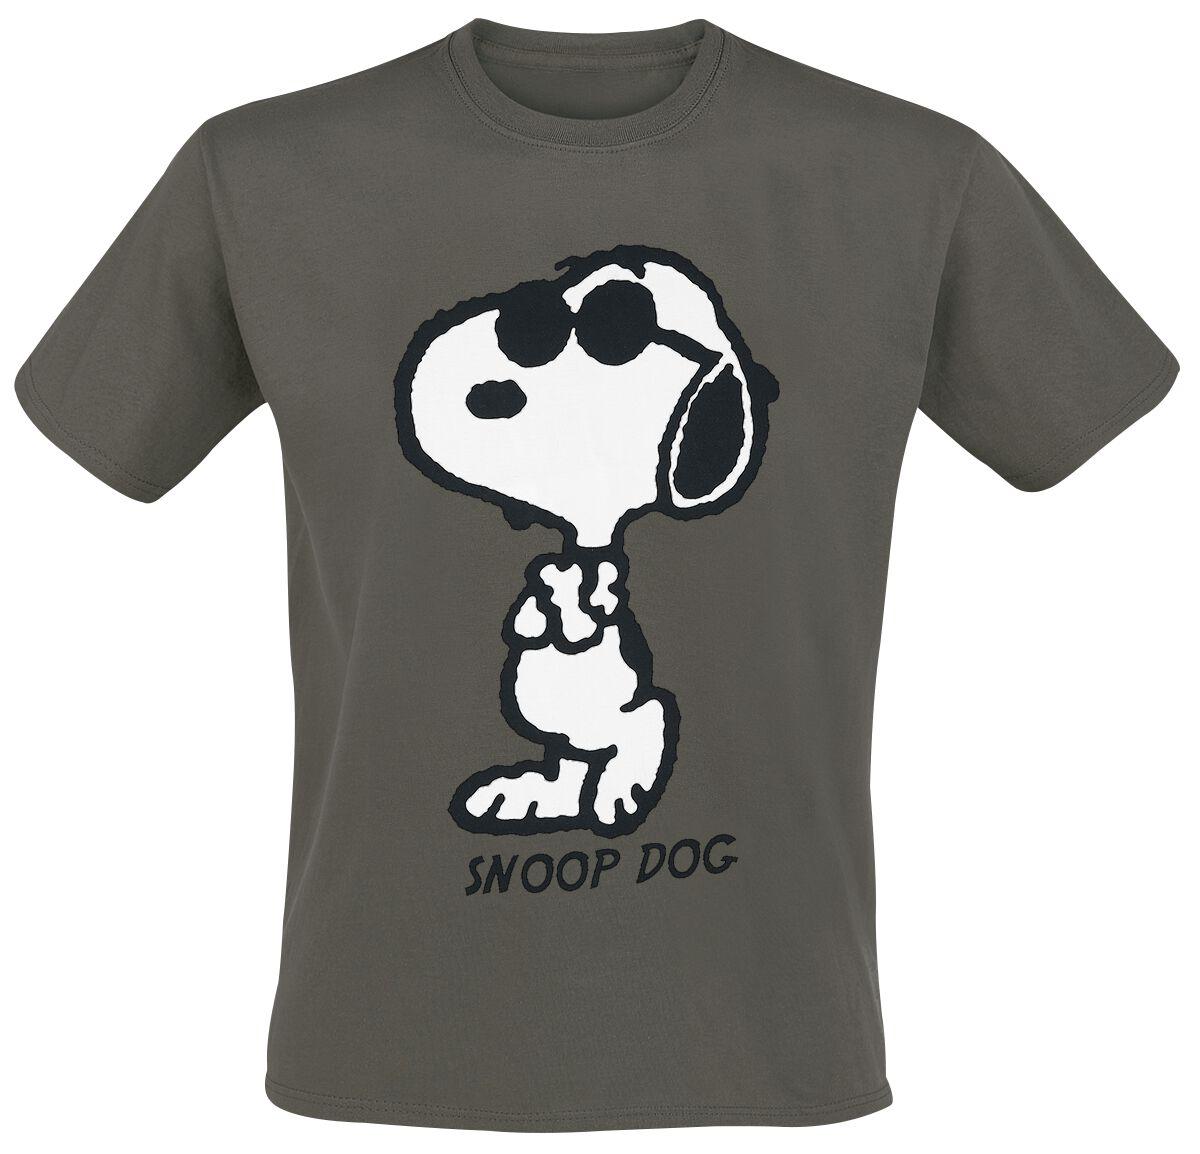 Peanuts Snoop Dog T-Shirt khaki MEPEANU TS026